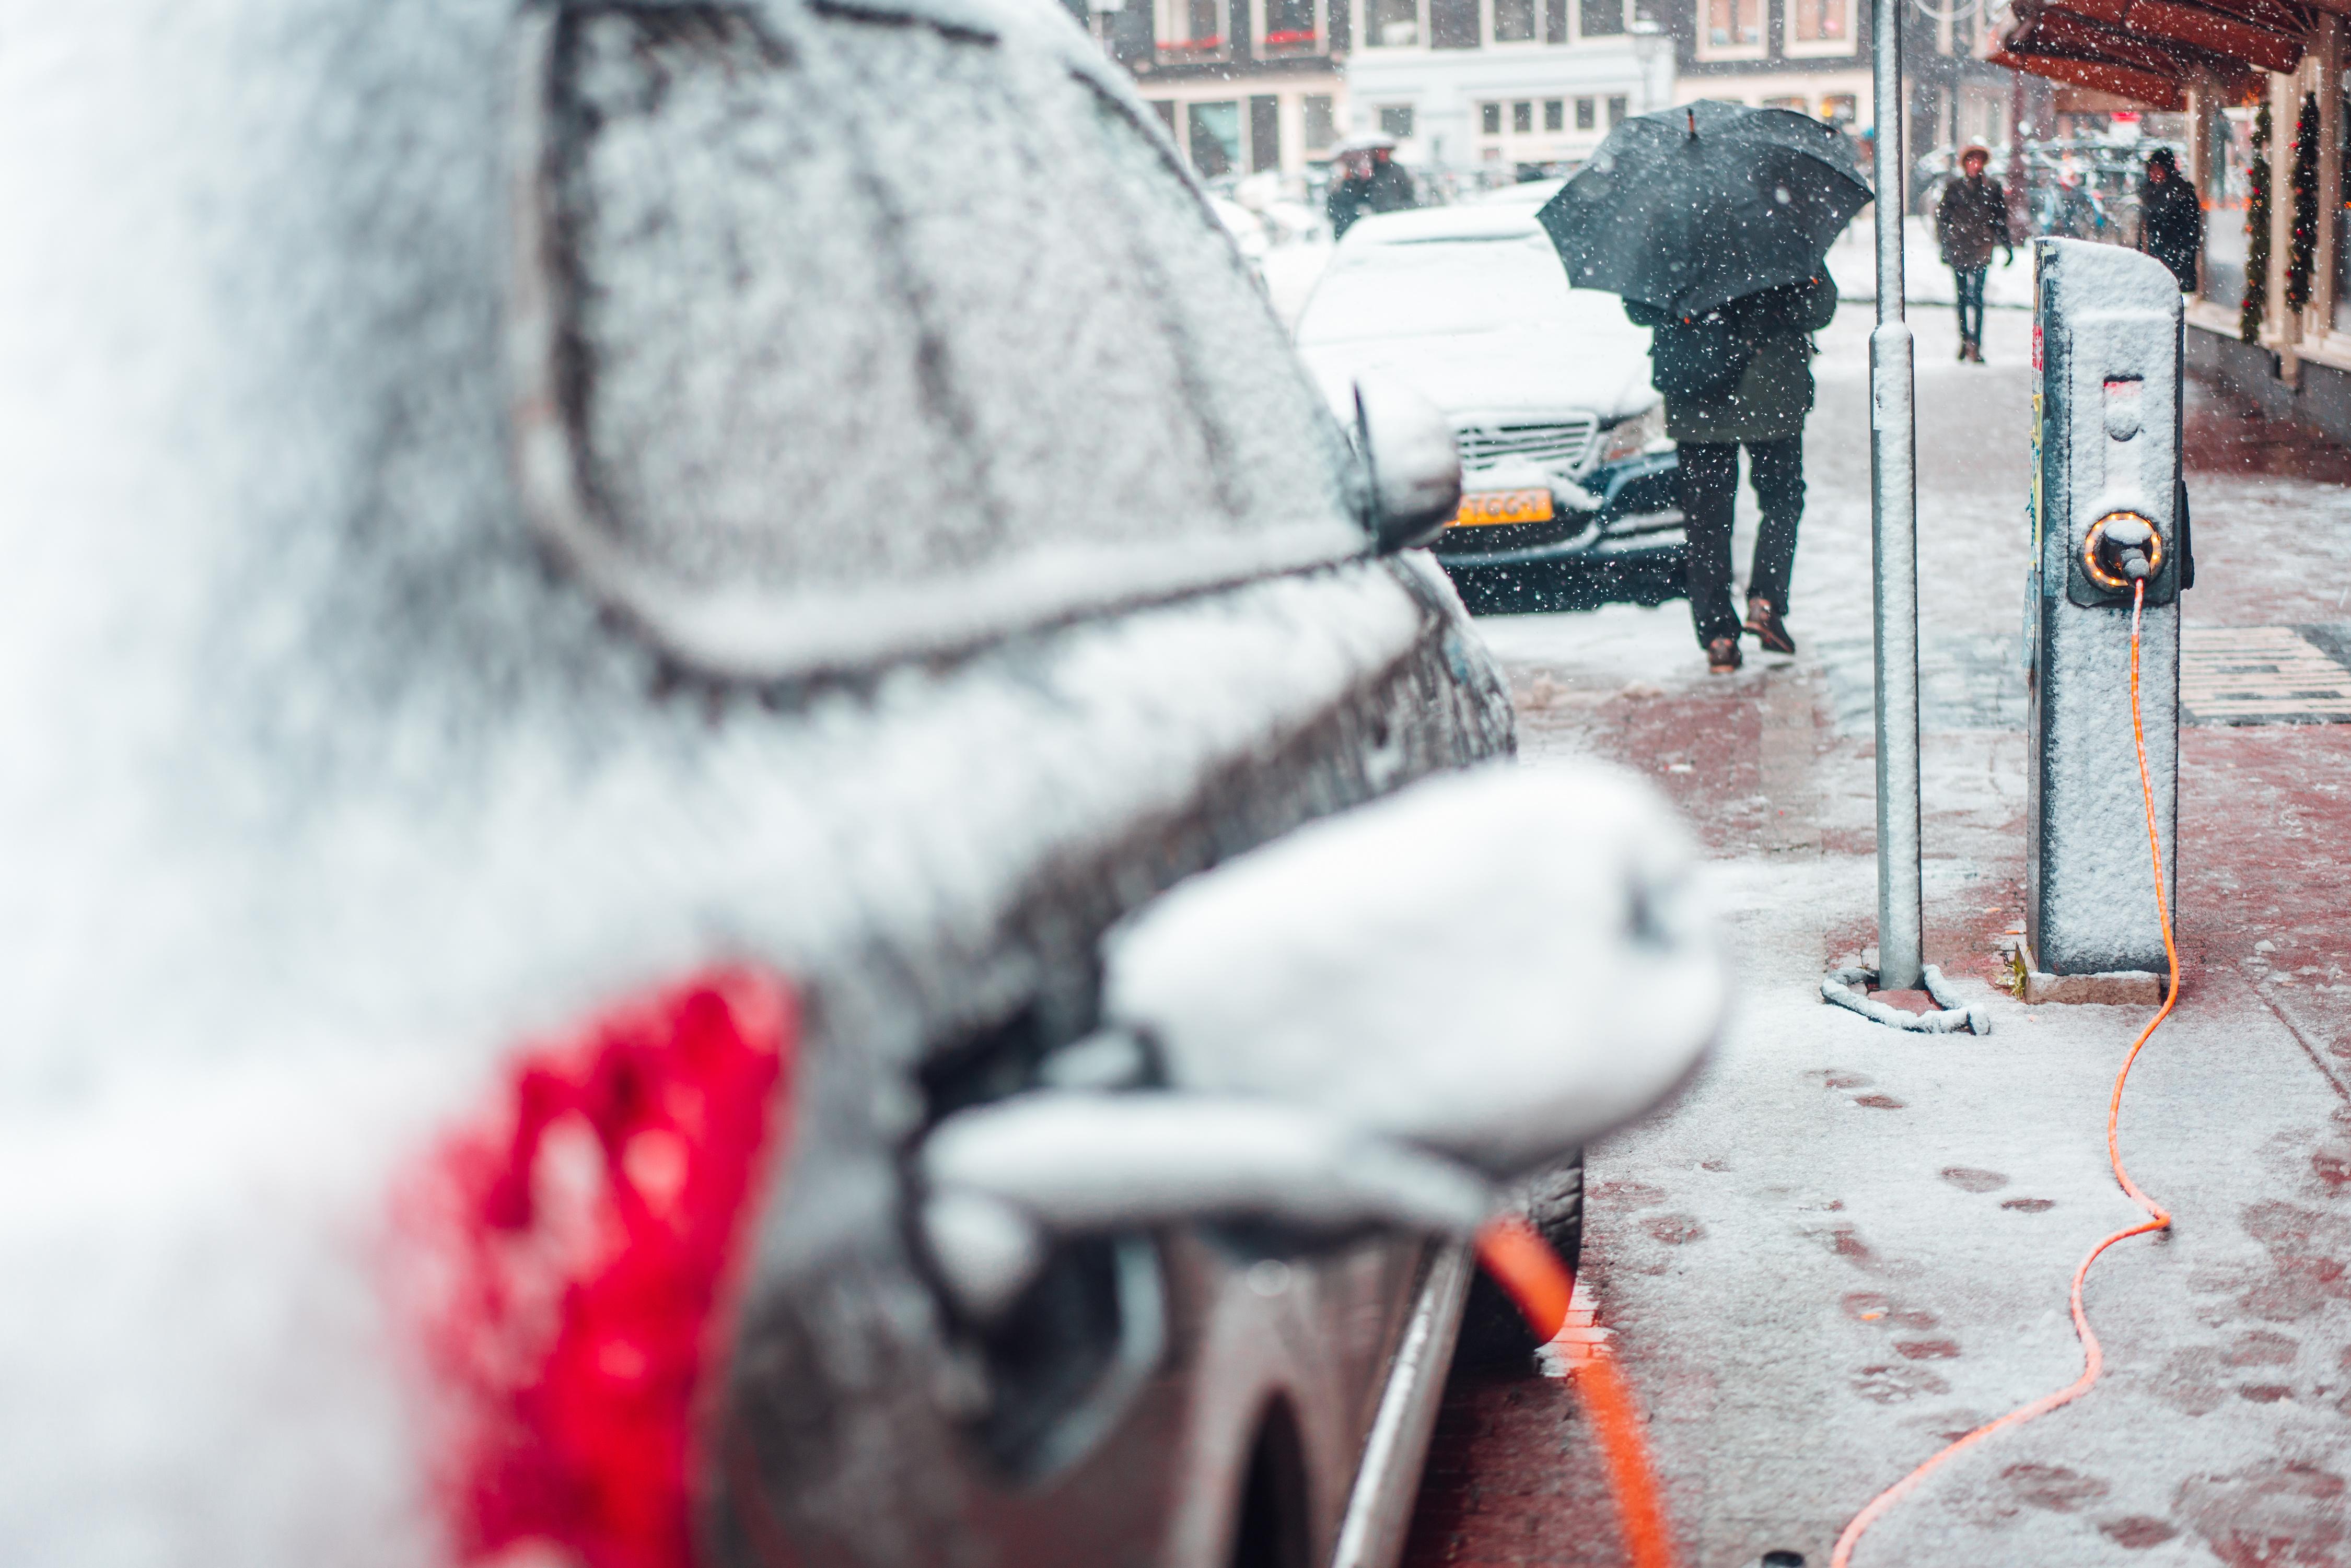 Elektrisch unterwegs bei Eis und Schnee © STOCK ADOBE